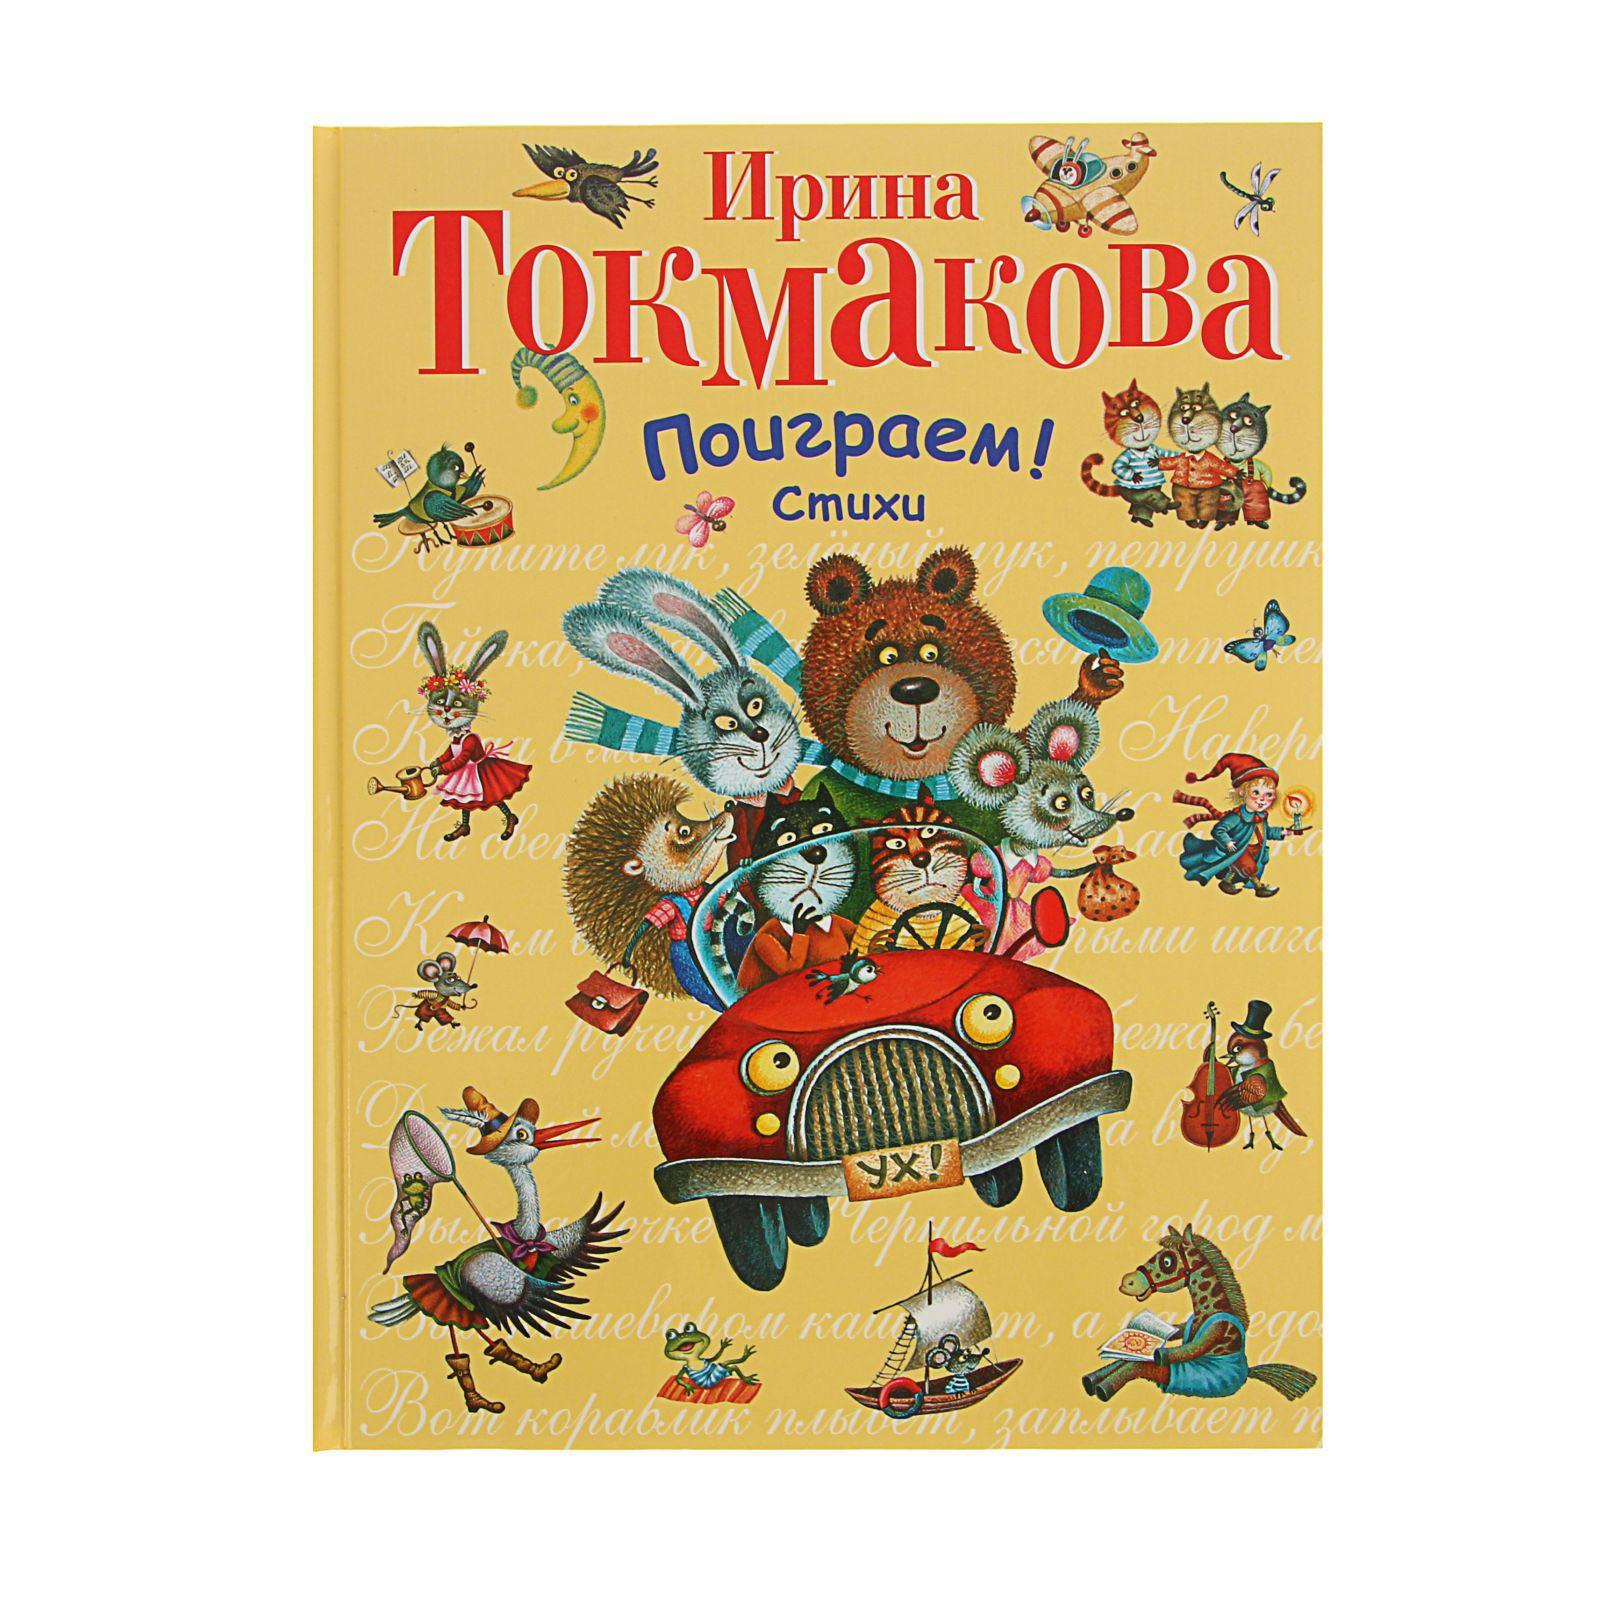 картинки героев книг токмаковой зона сочи очень